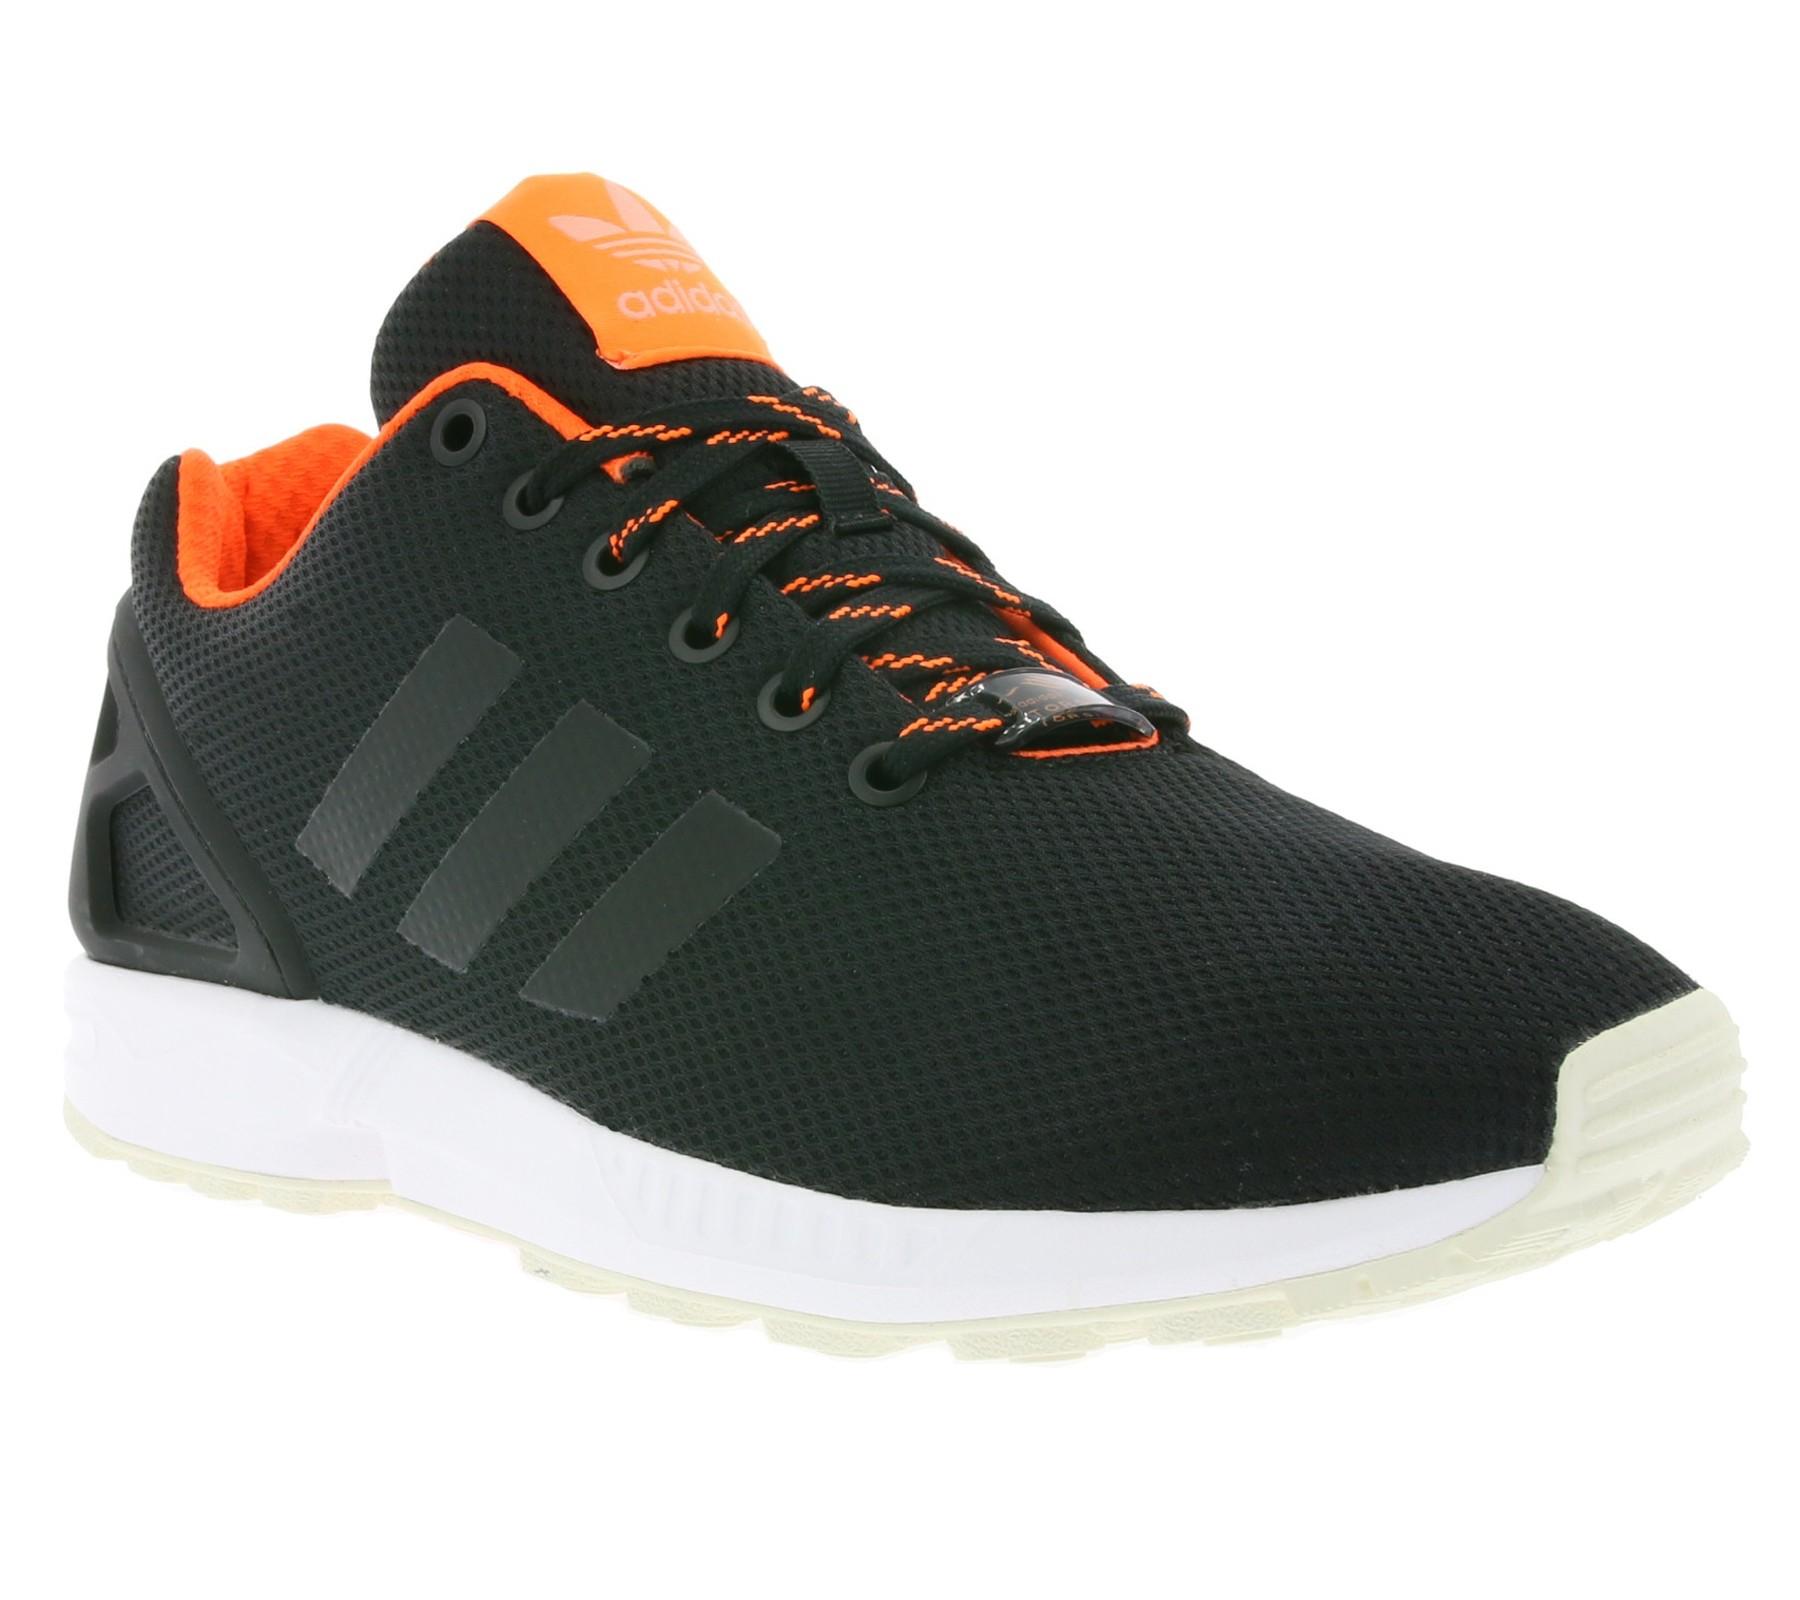 Adidas Originals ZX Flux Herren Sneaker für 37,99€ (Outlet46)